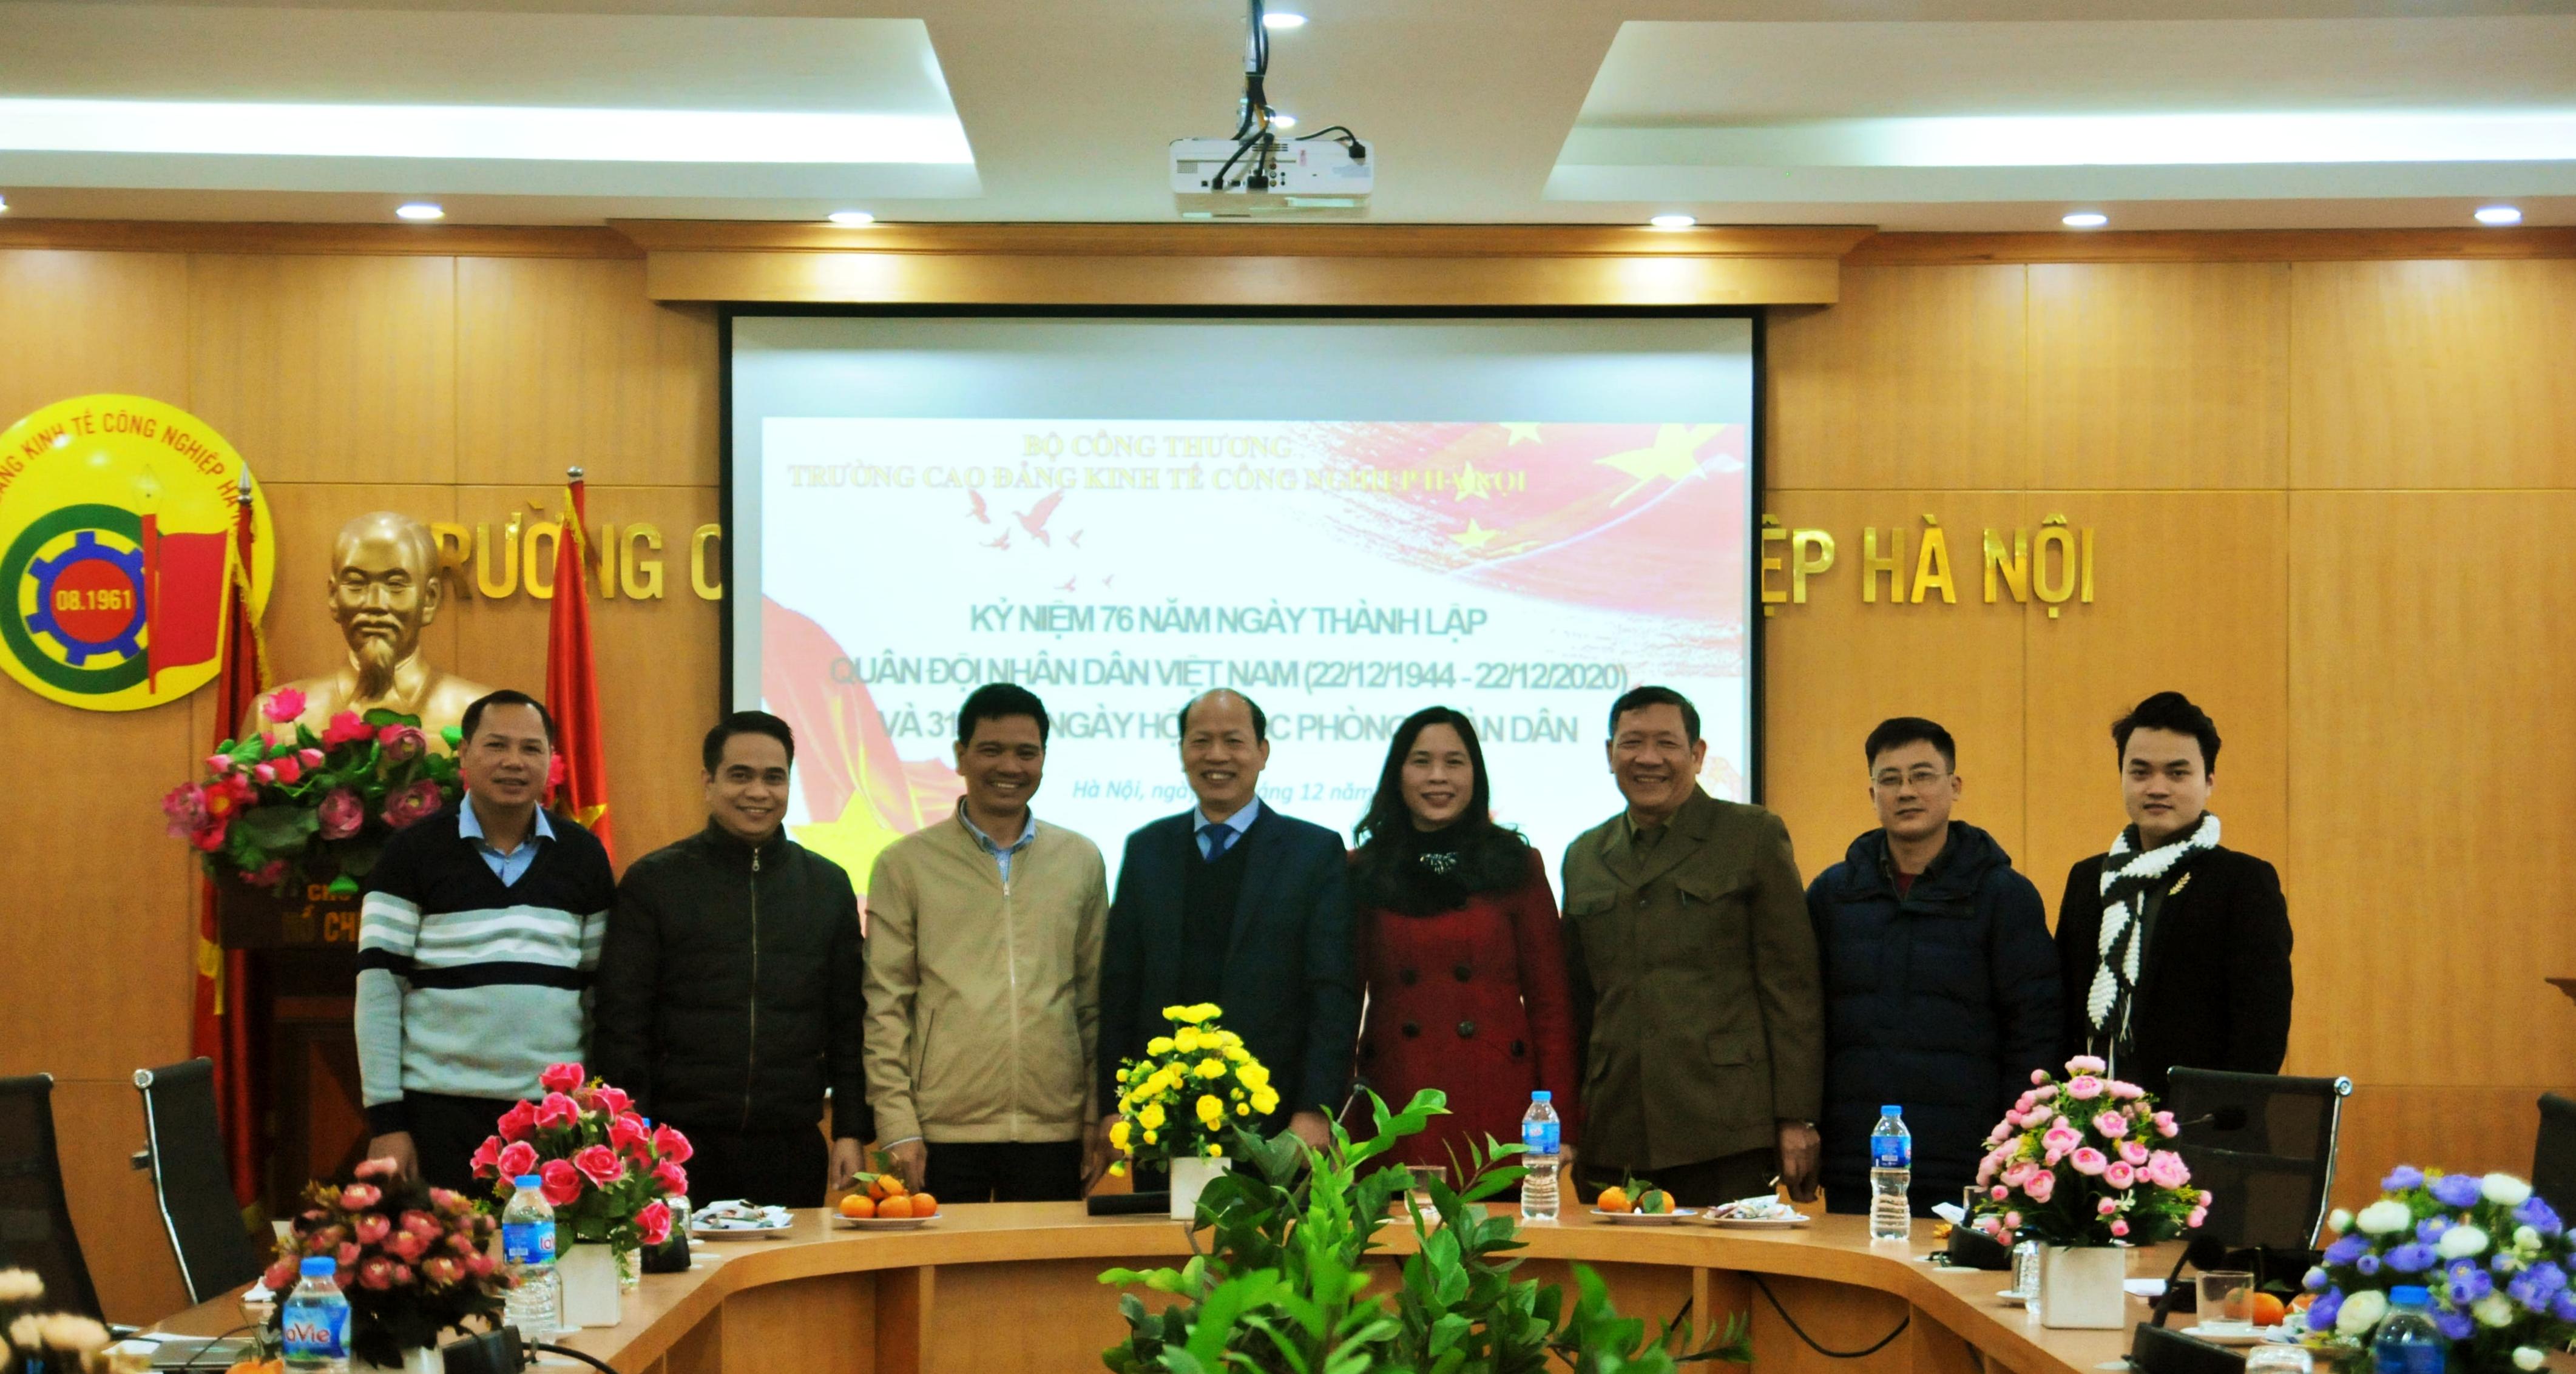 Gặp mặt các Cựu chiến binh, Cựu quân nhân nhân dịp kỷ niệm thành lập Quân đội Nhân dân Việt Nam